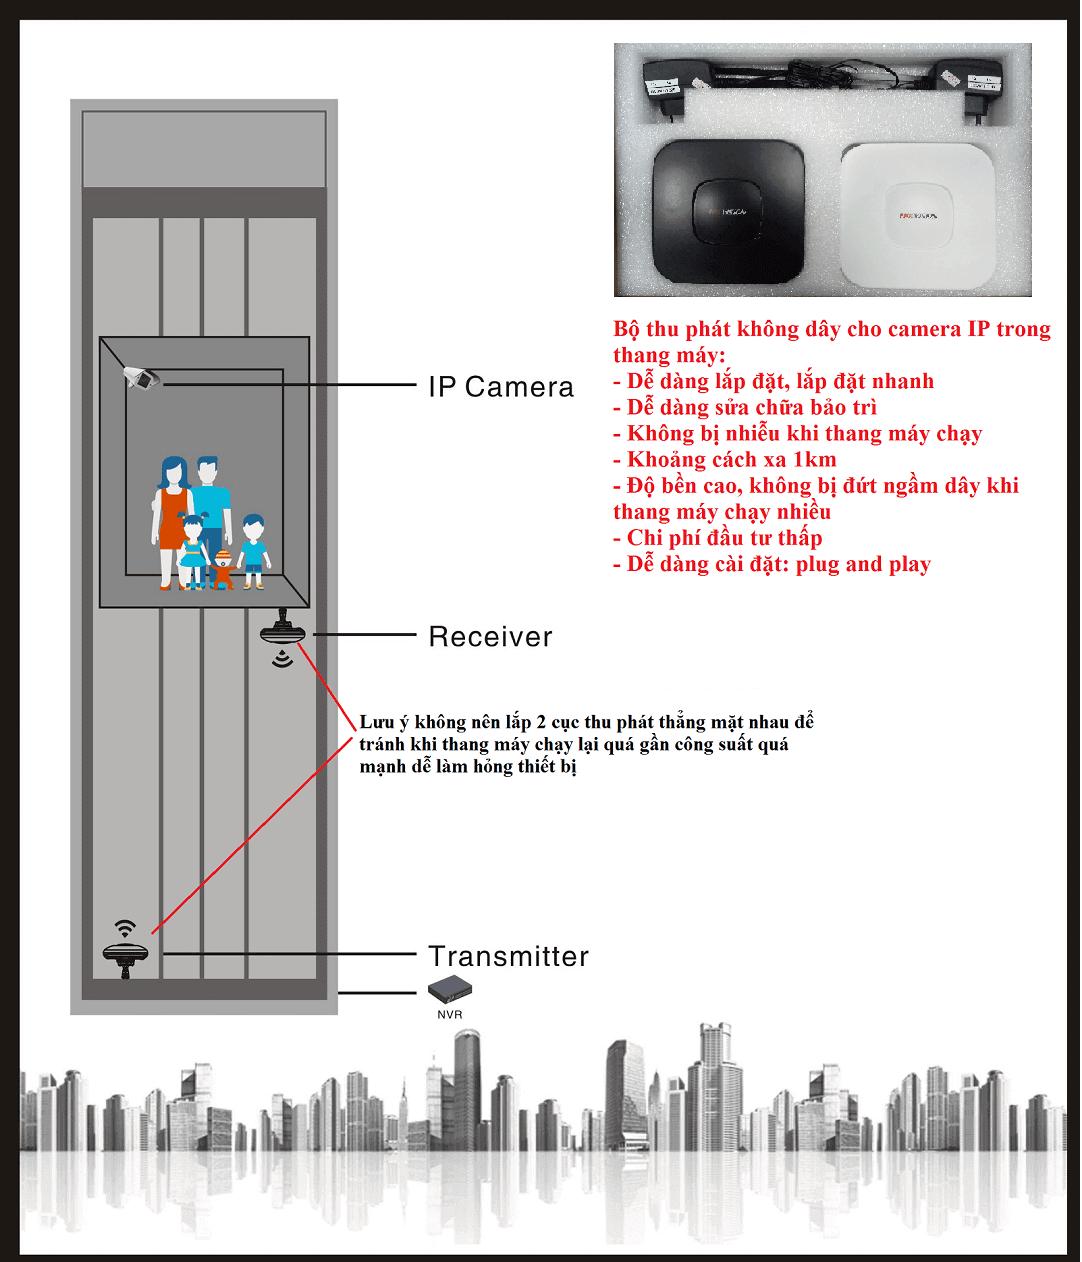 Mô hình bộ thu phát không dây trong thang máy